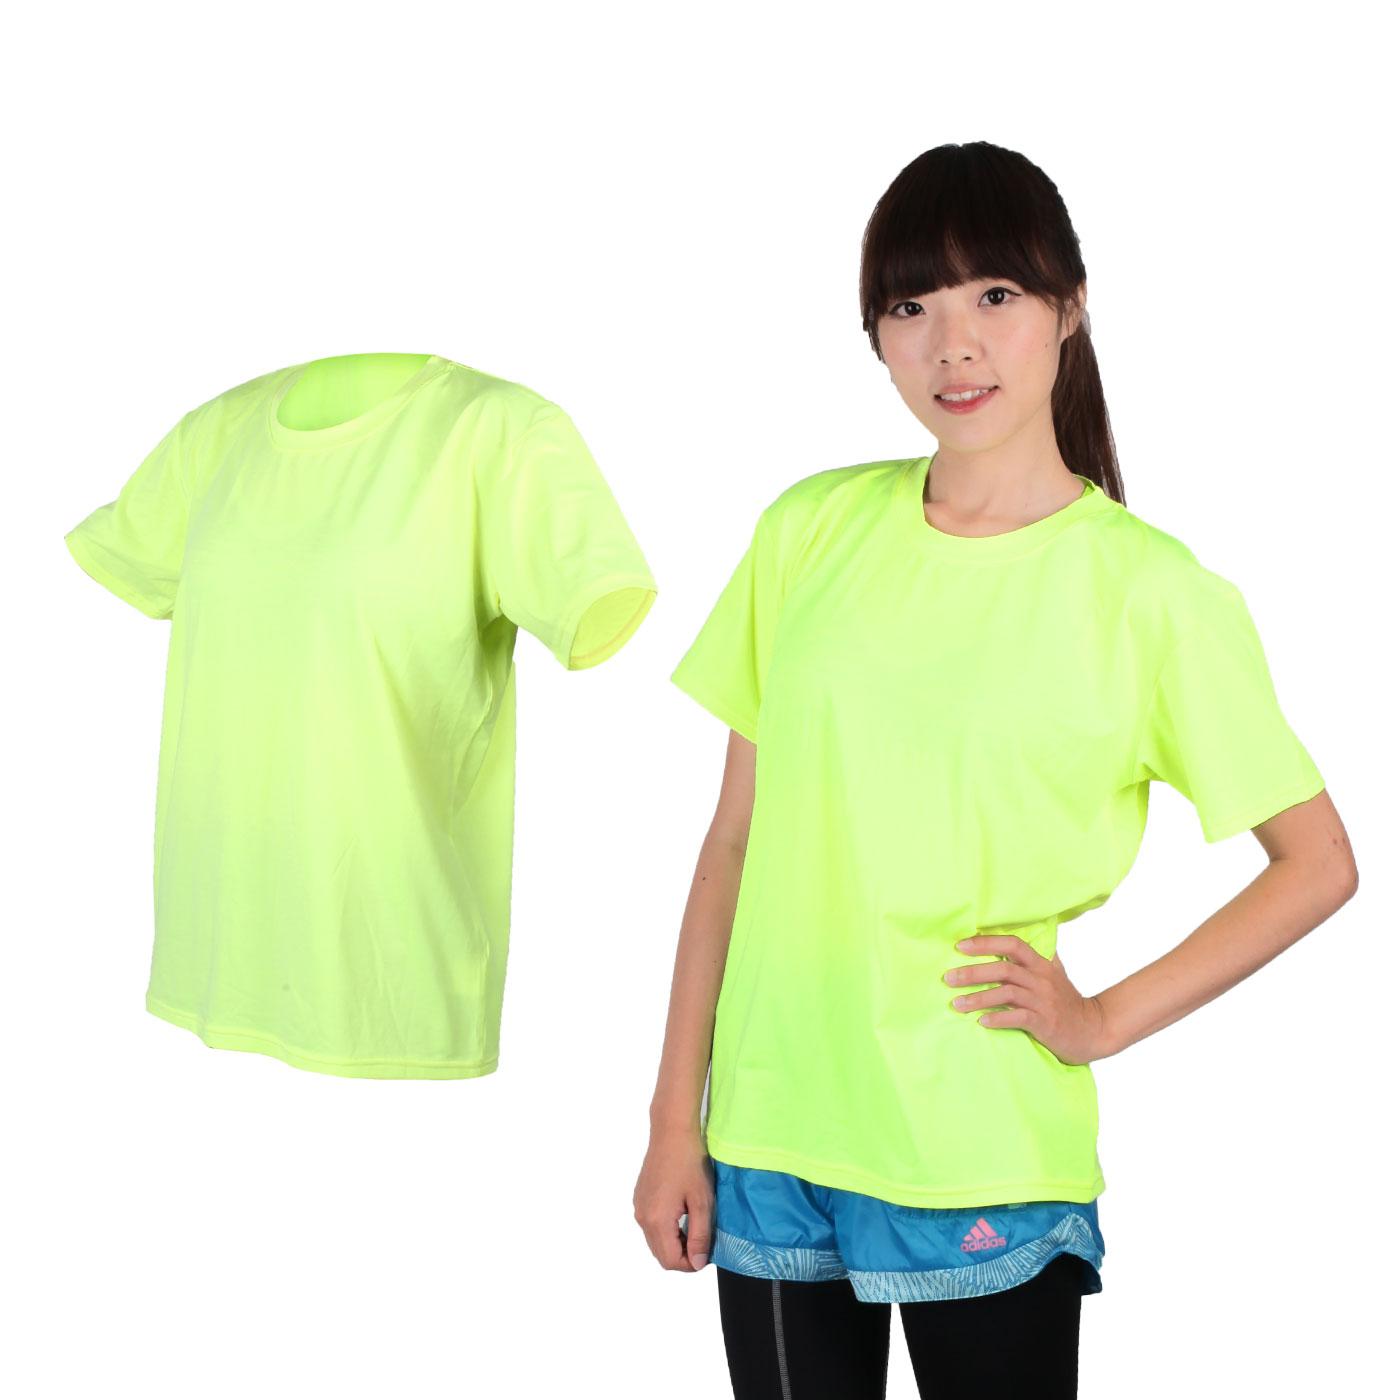 HODARLA 麻花機能運動衣 3115005 - 麻花螢光黃